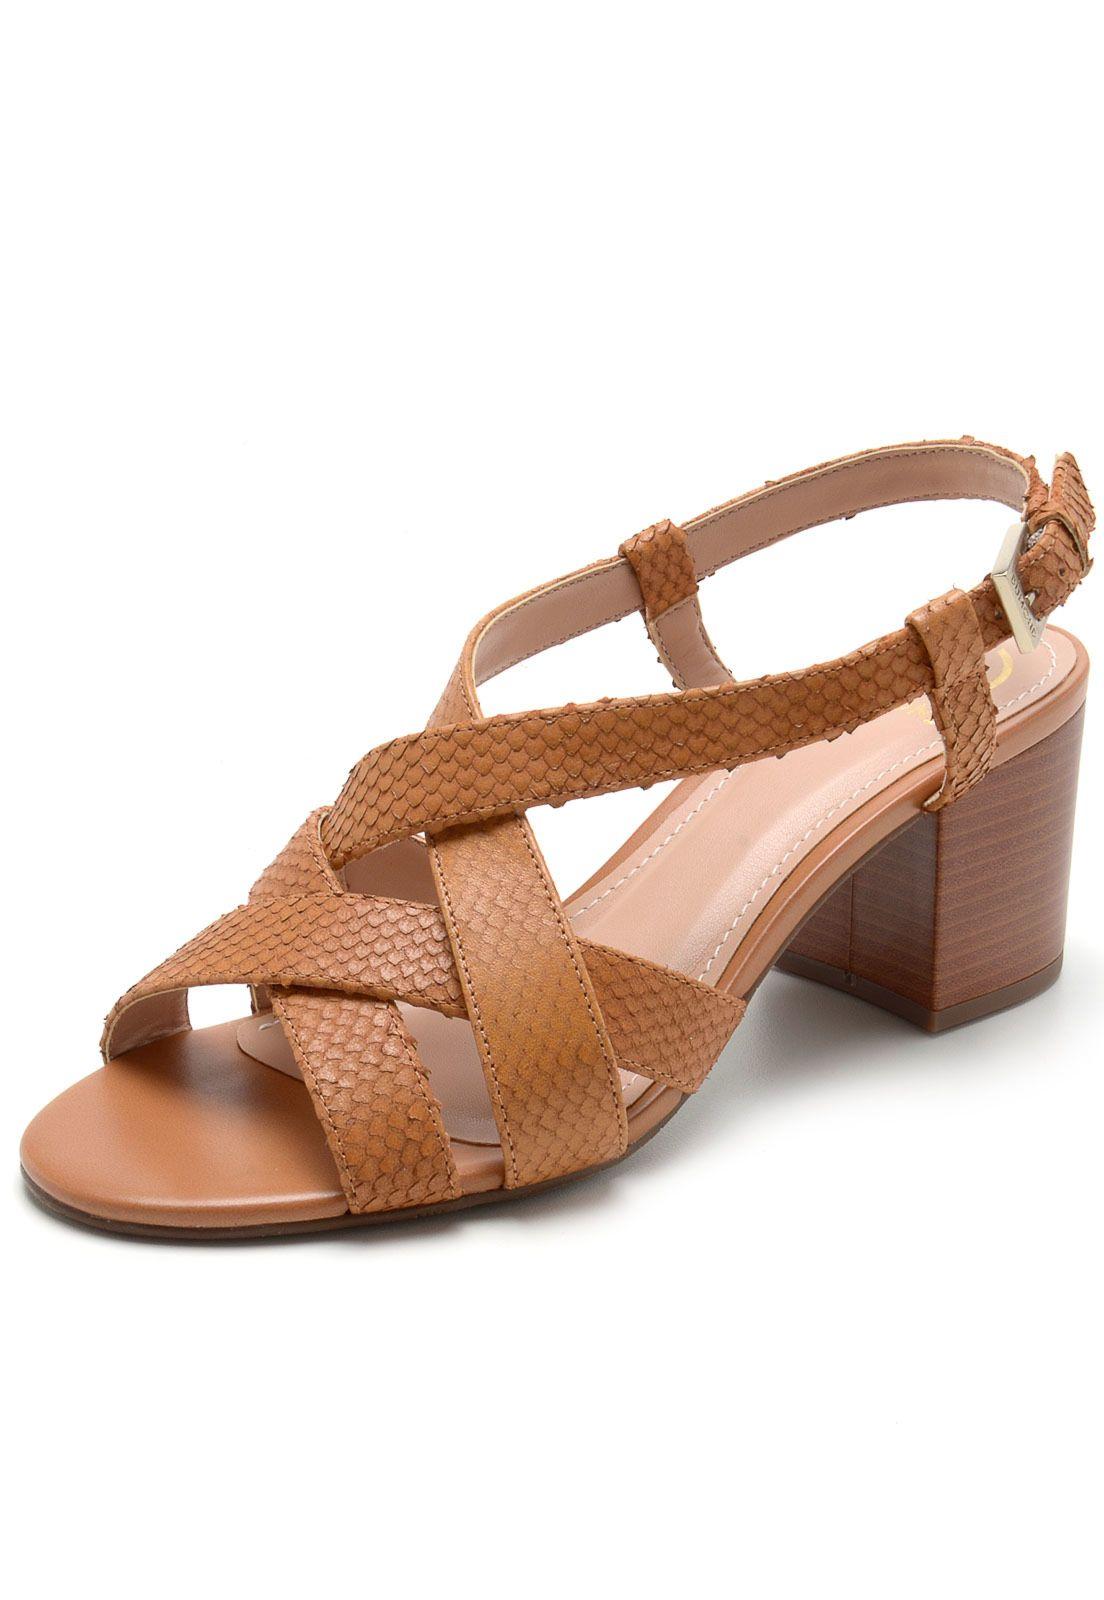 b3757a9fa Sandália Couro Dumond Textura Caramelo em 2019   cipő   Shoes ...